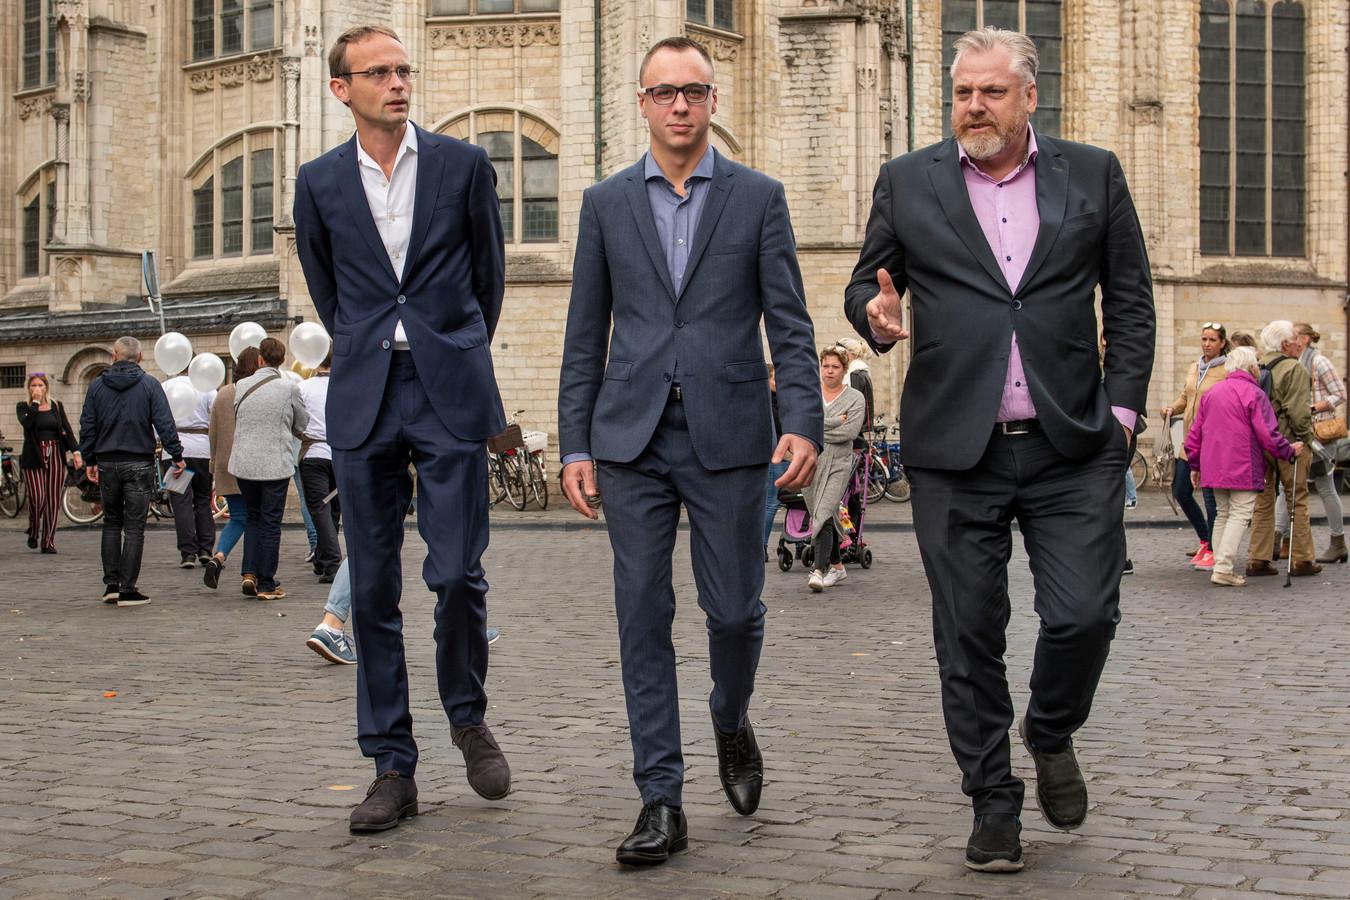 De initiatiefnemers voor de legale wietkwekerij in de Bredase binnenstad. Van links naar rechts: Ronald Roothans, Joep van Meel en Peter Schouten.